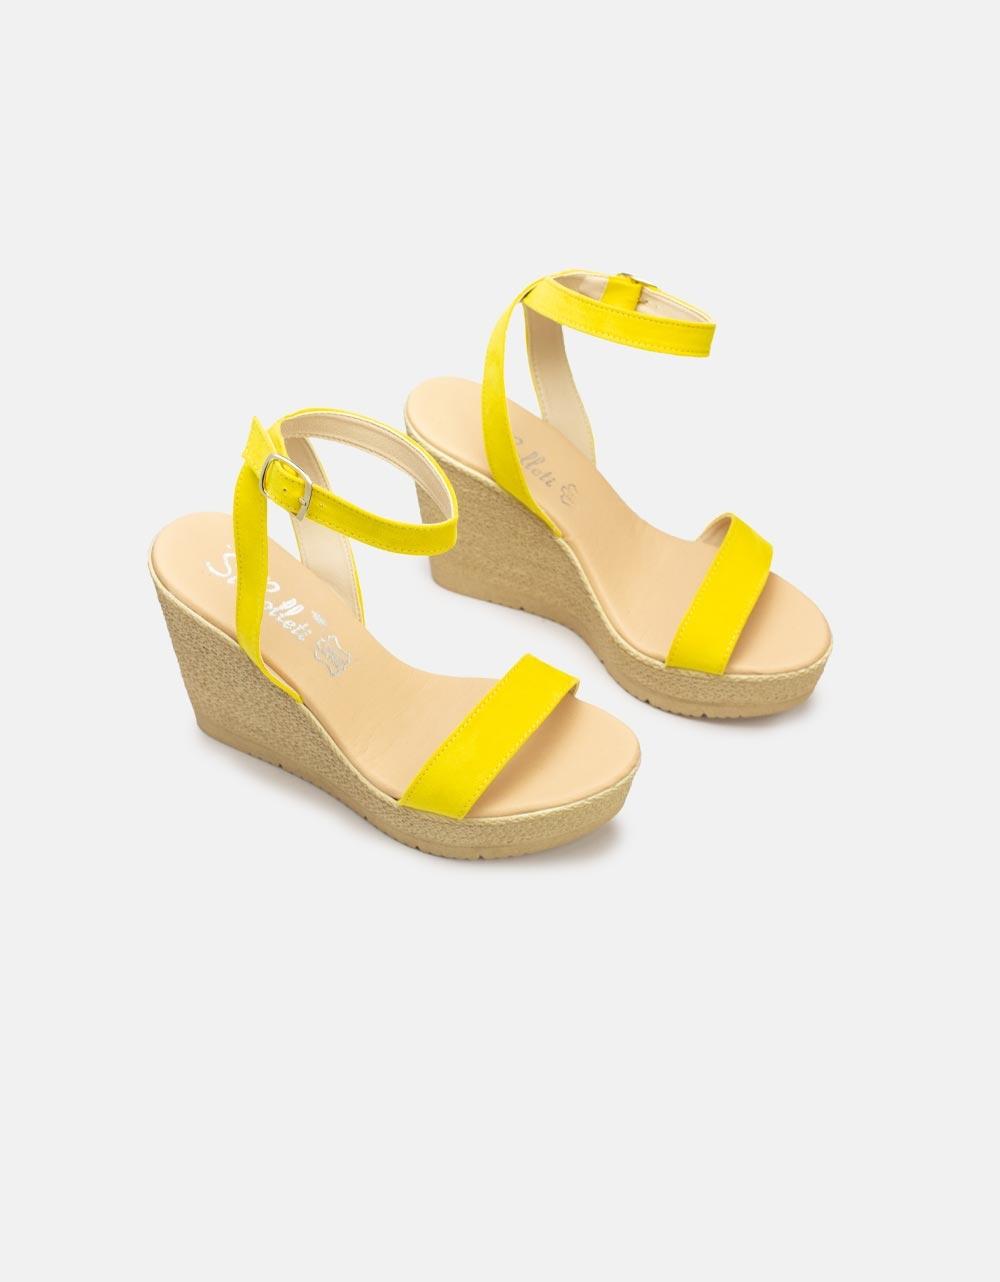 Εικόνα από Γυναικείες πλατφόρμες με λουράκια Κίτρινο